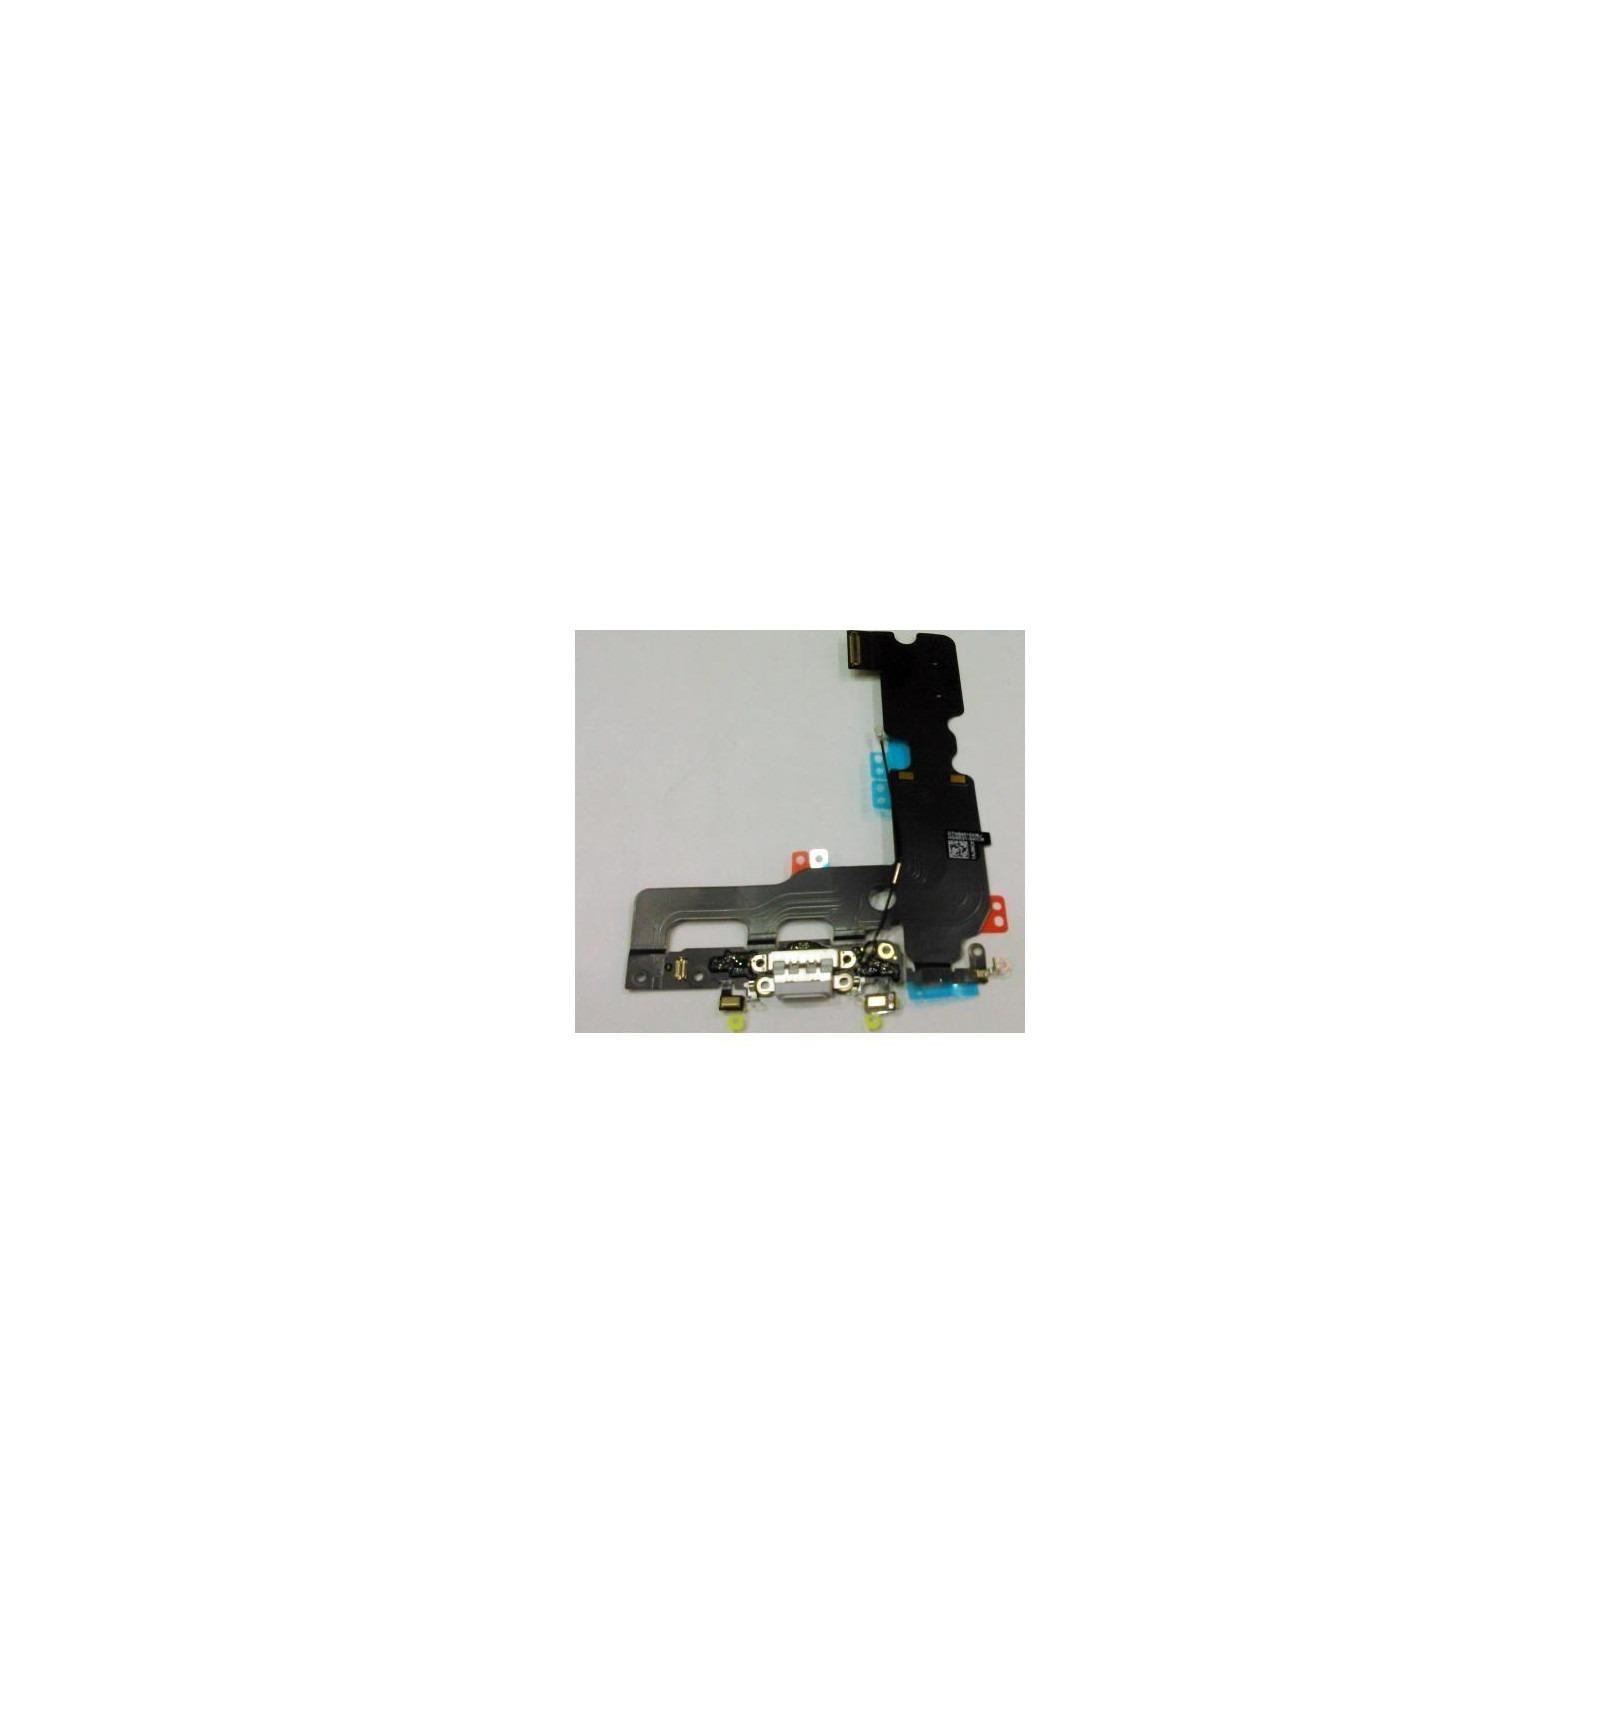 Iphone 7 Plus Conector De Carga Micro Usb Microfono Gris O